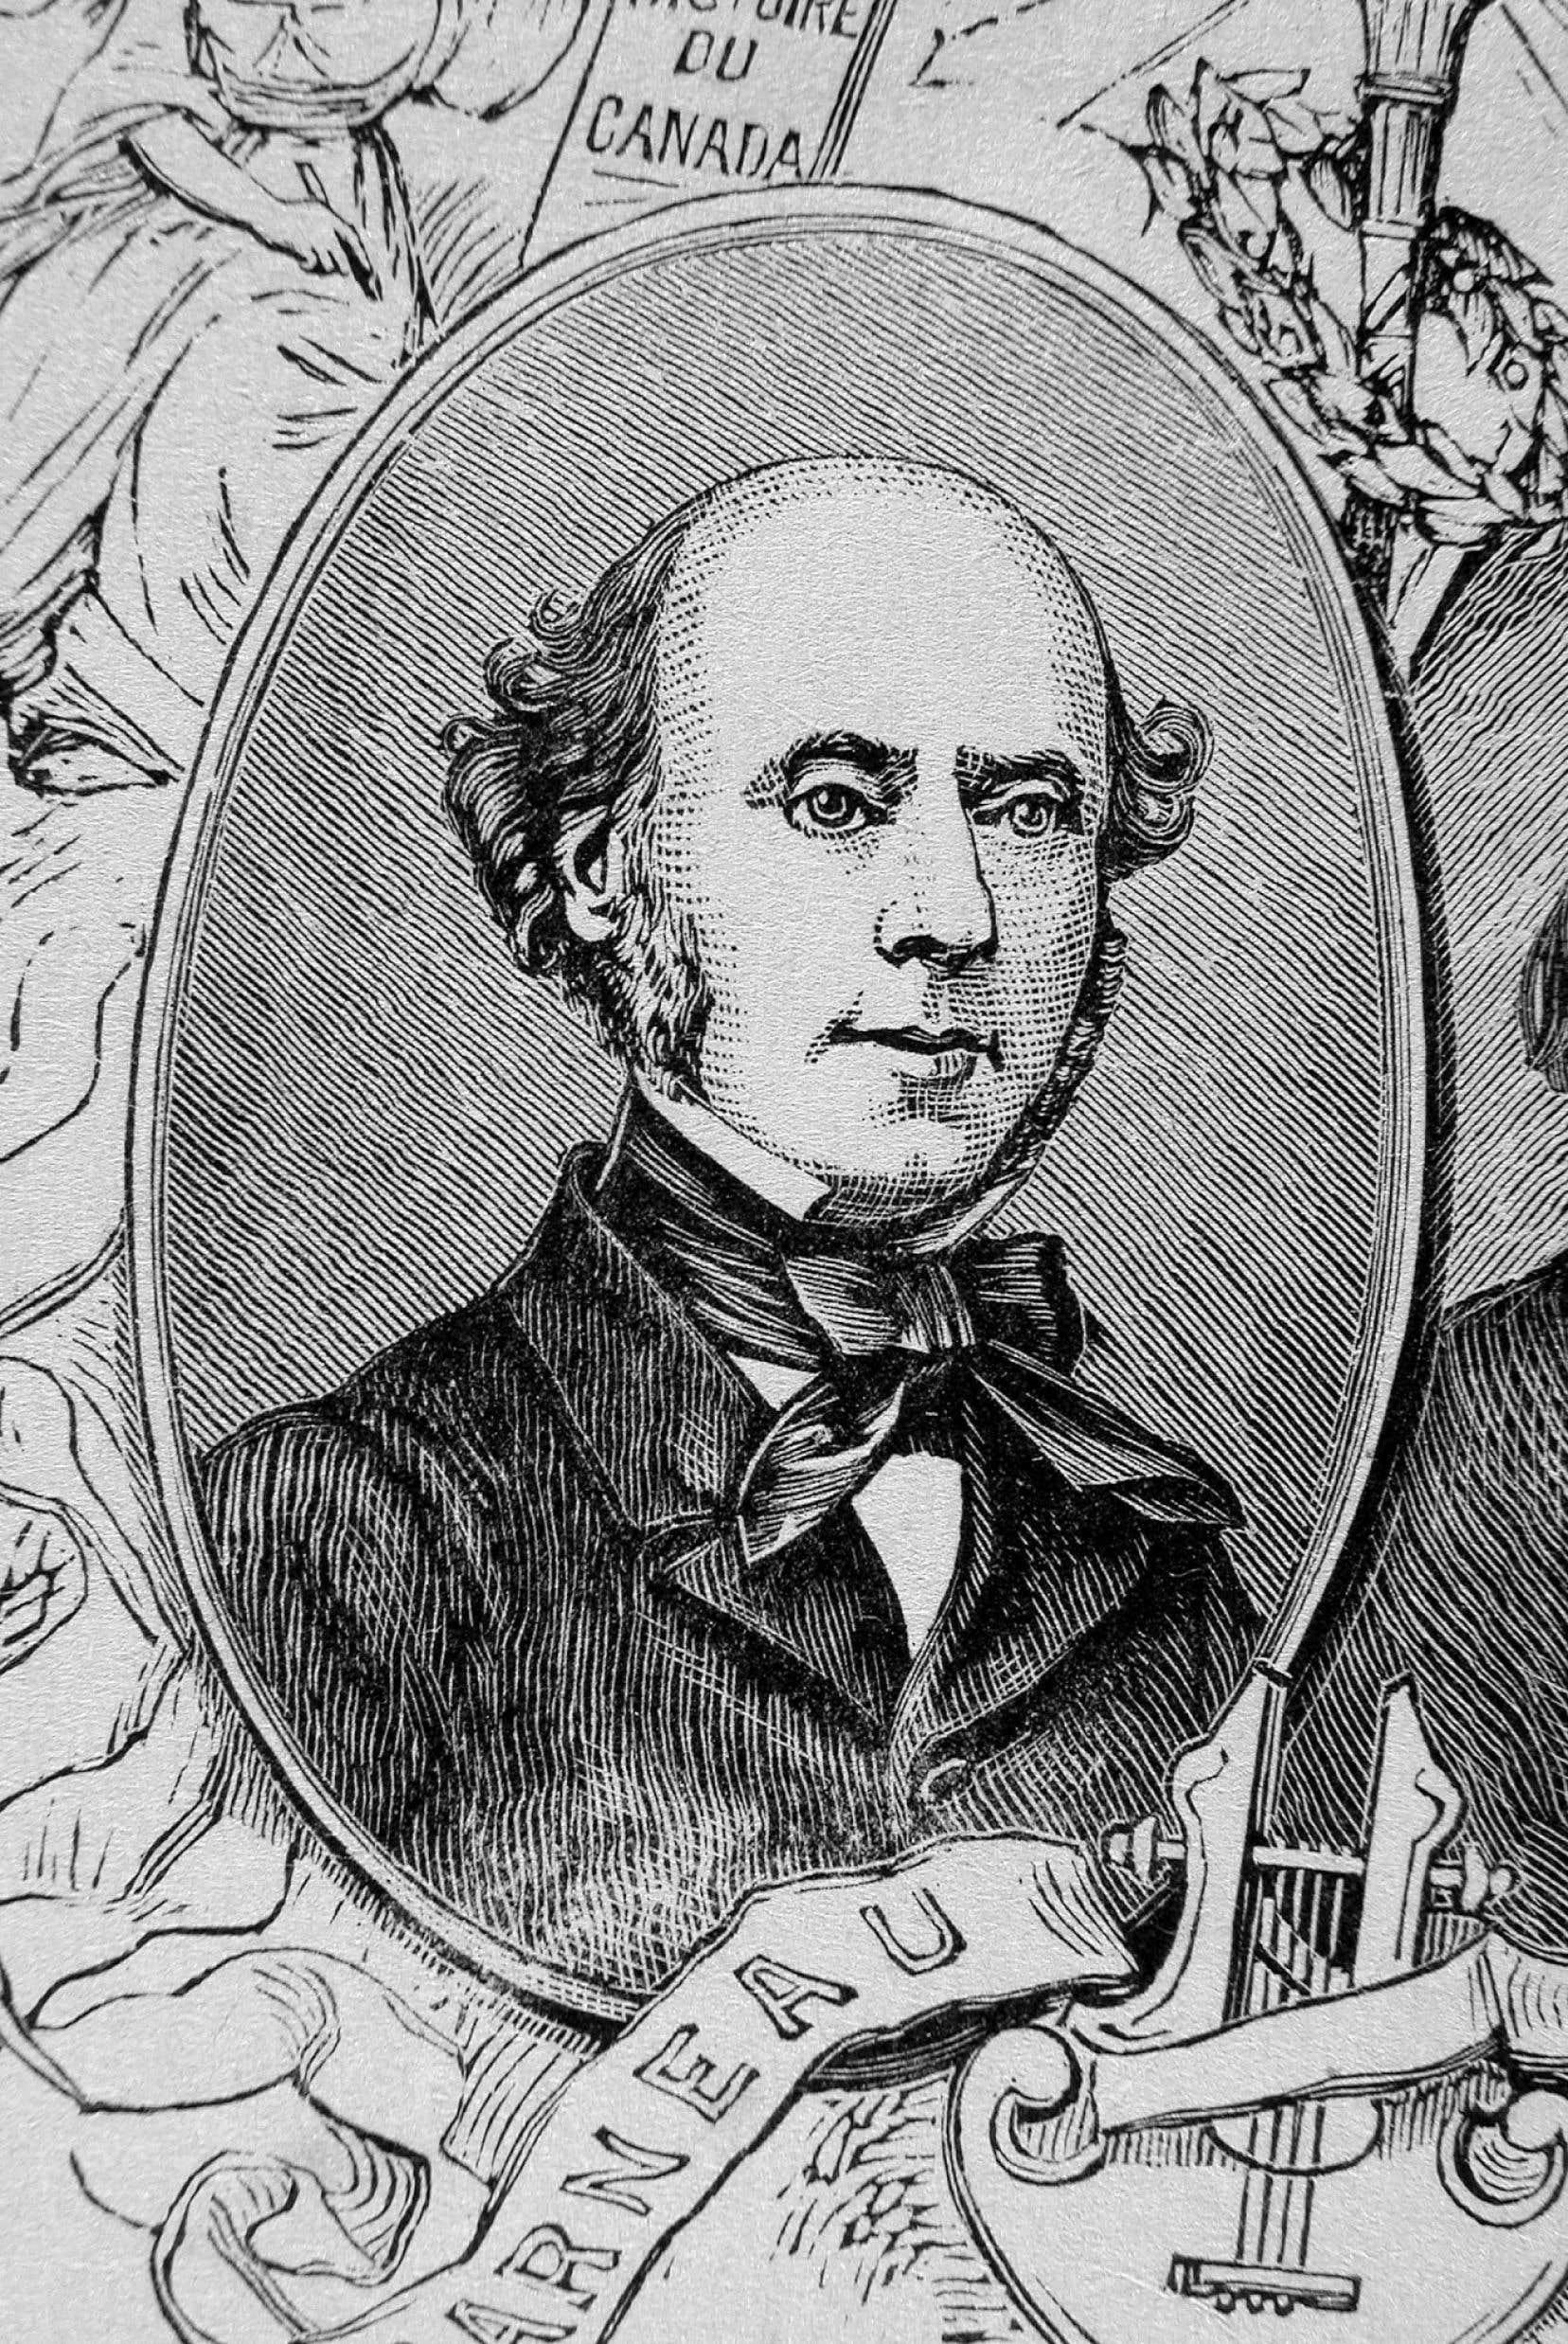 Au XIXe siècle, Garneau assume ce qui lui apparaît relever d'une responsabilité : montrer aux Canadiens français la valeur de leur collectivité et leur fournir le motif de leurs luttes à venir.